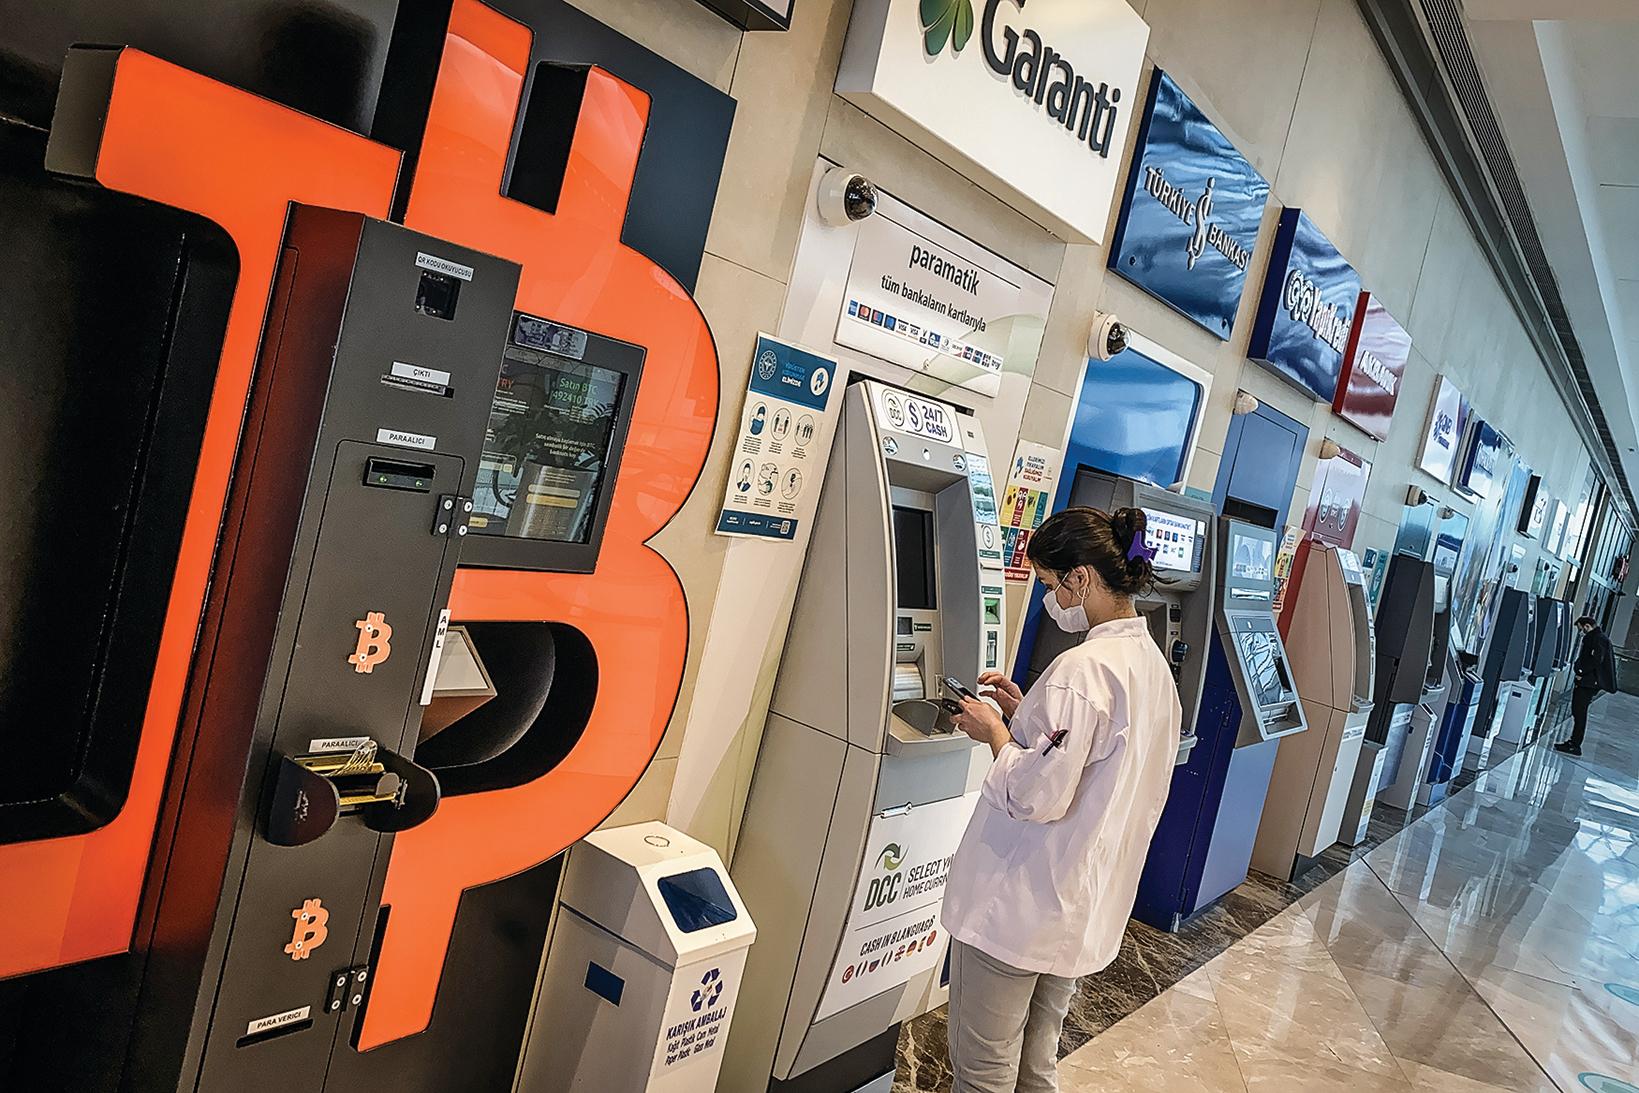 2021年4月,在土耳其伊斯坦布爾的一個購物中心,已設置了比特幣ATM機。(Getty Images)